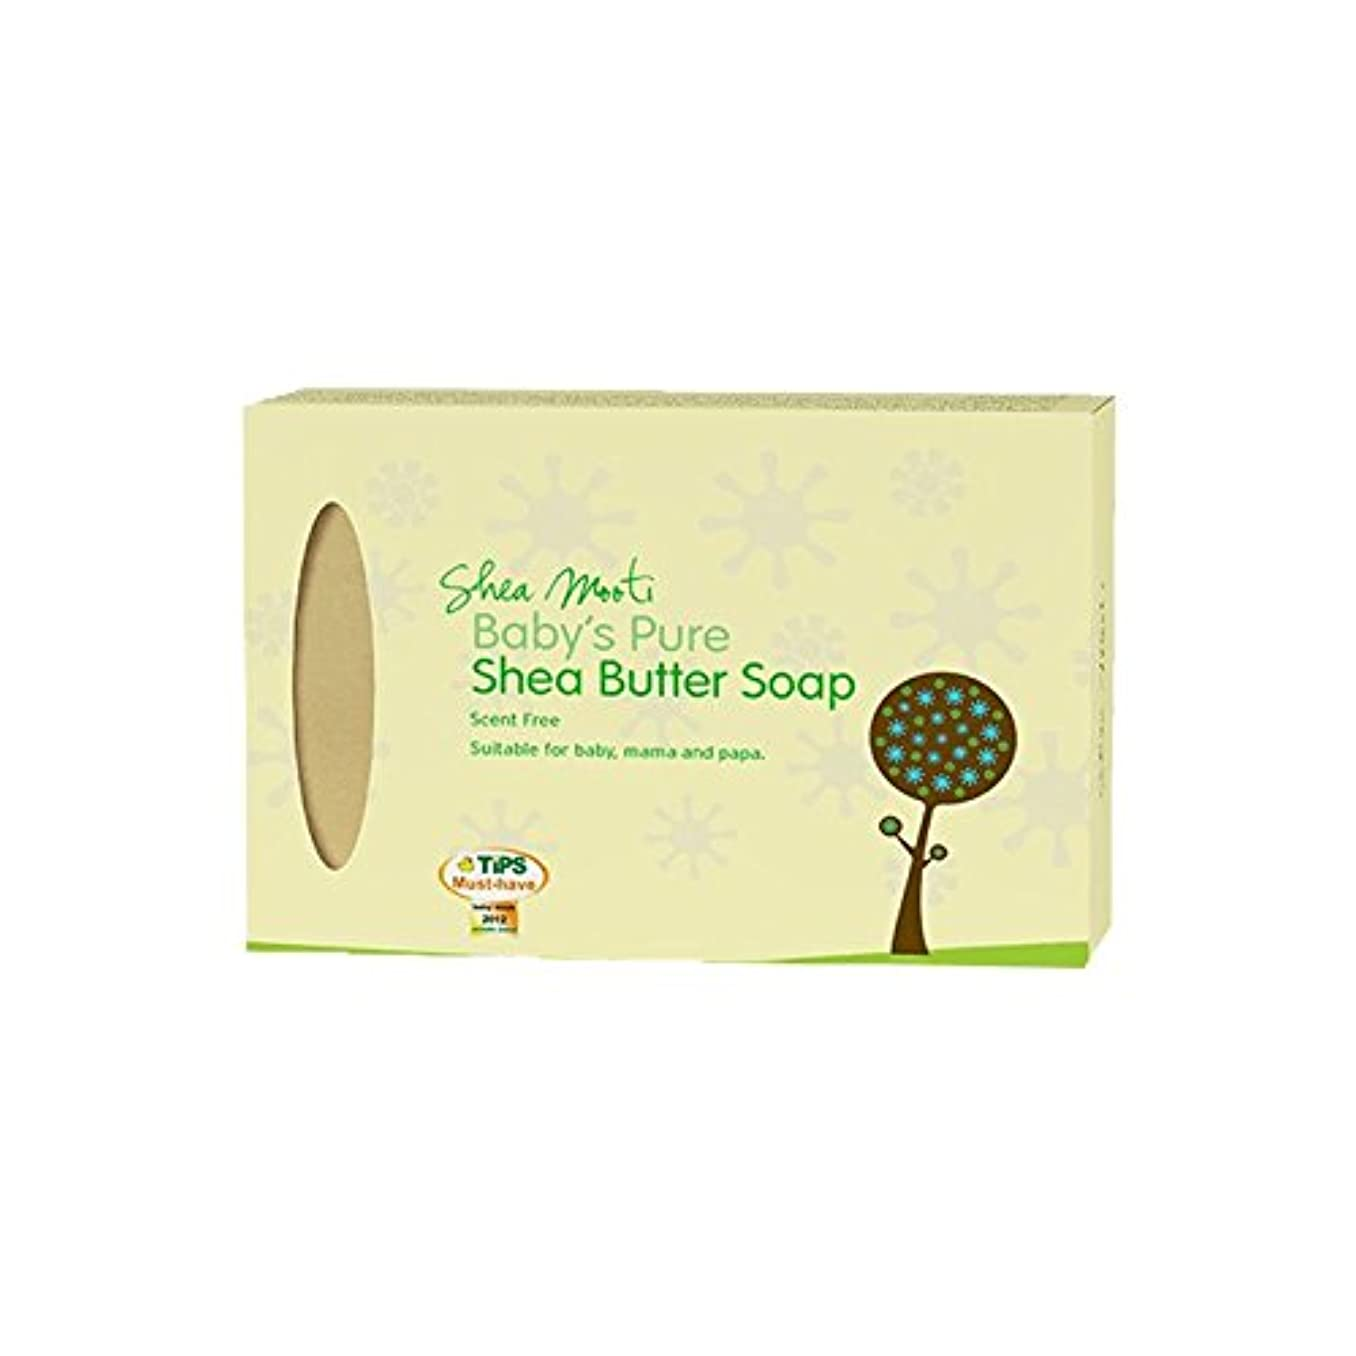 ラベンダーニュージーランド丁寧Shea Mooti Baby's Pure Shea Butter Soap Unscented 250ml (Pack of 6) - シアバターMooti赤ちゃんの純粋なシアバターソープ無香250ミリリットル (x6...